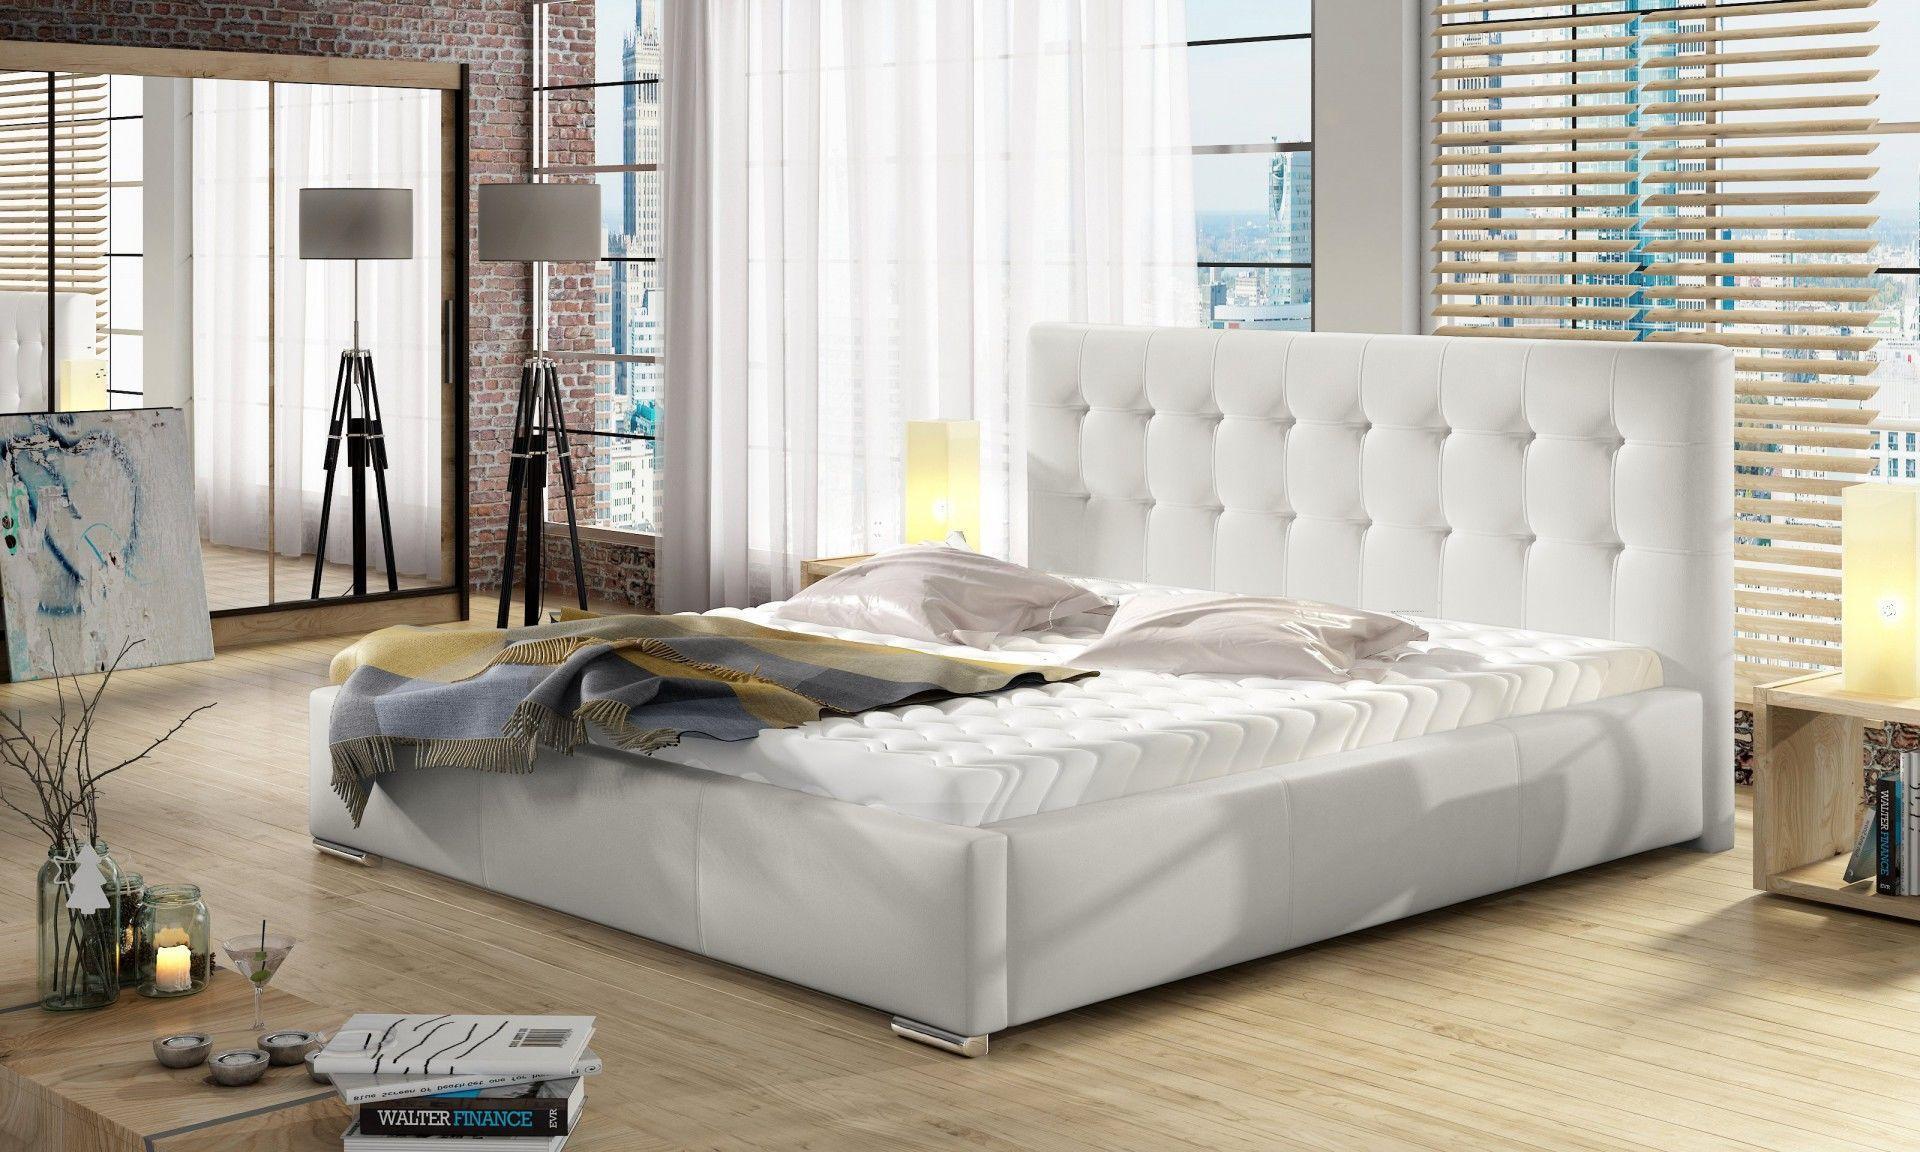 Łóżko DOLORES pod materac 120x200+ wysoki materac kieszeniowy SOGNATO + stelaż Simpack